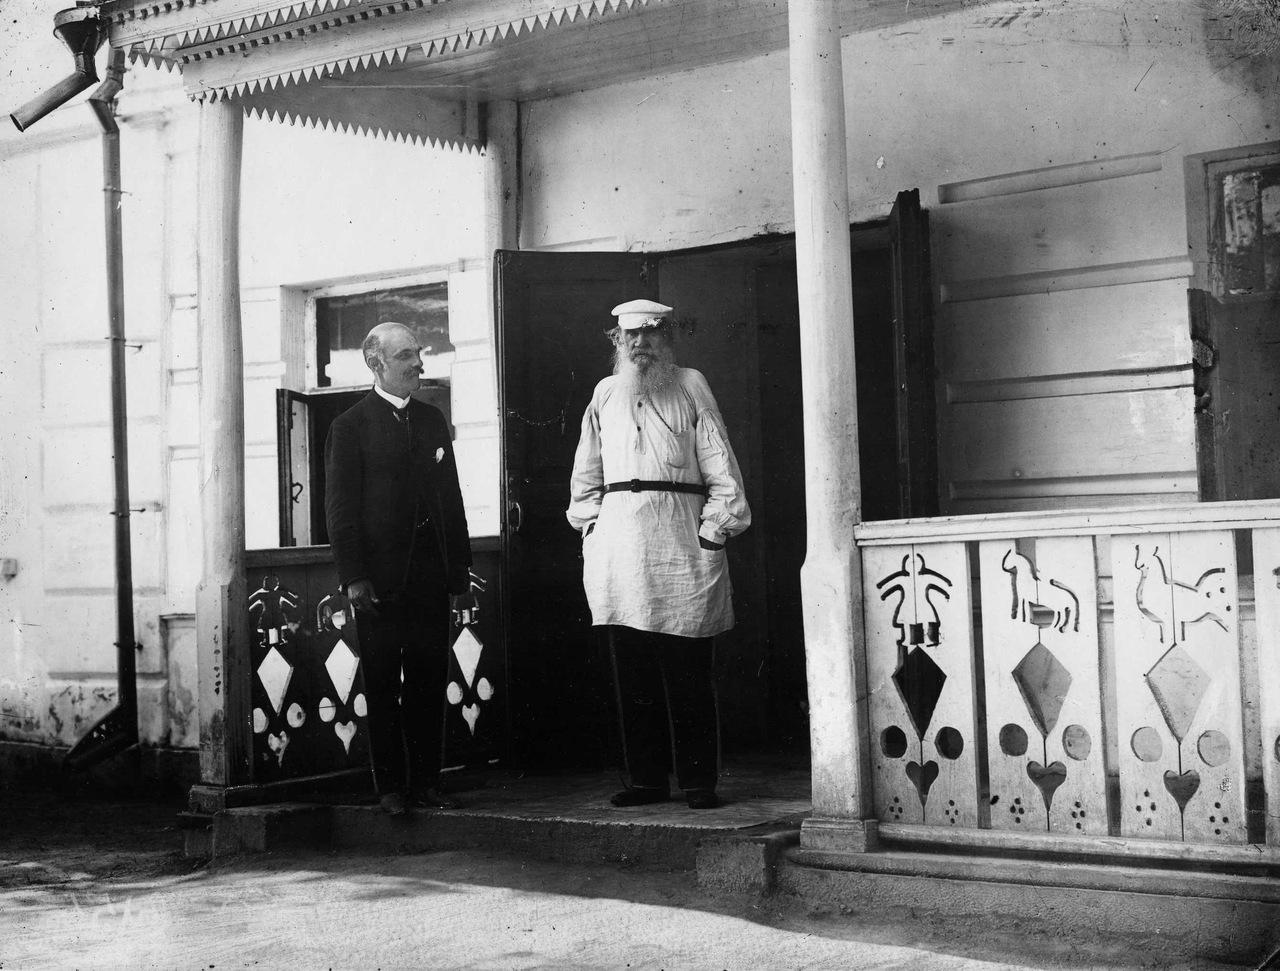 1908. Л. Н. Толстой и К. К. Булла в Ясной Поляне